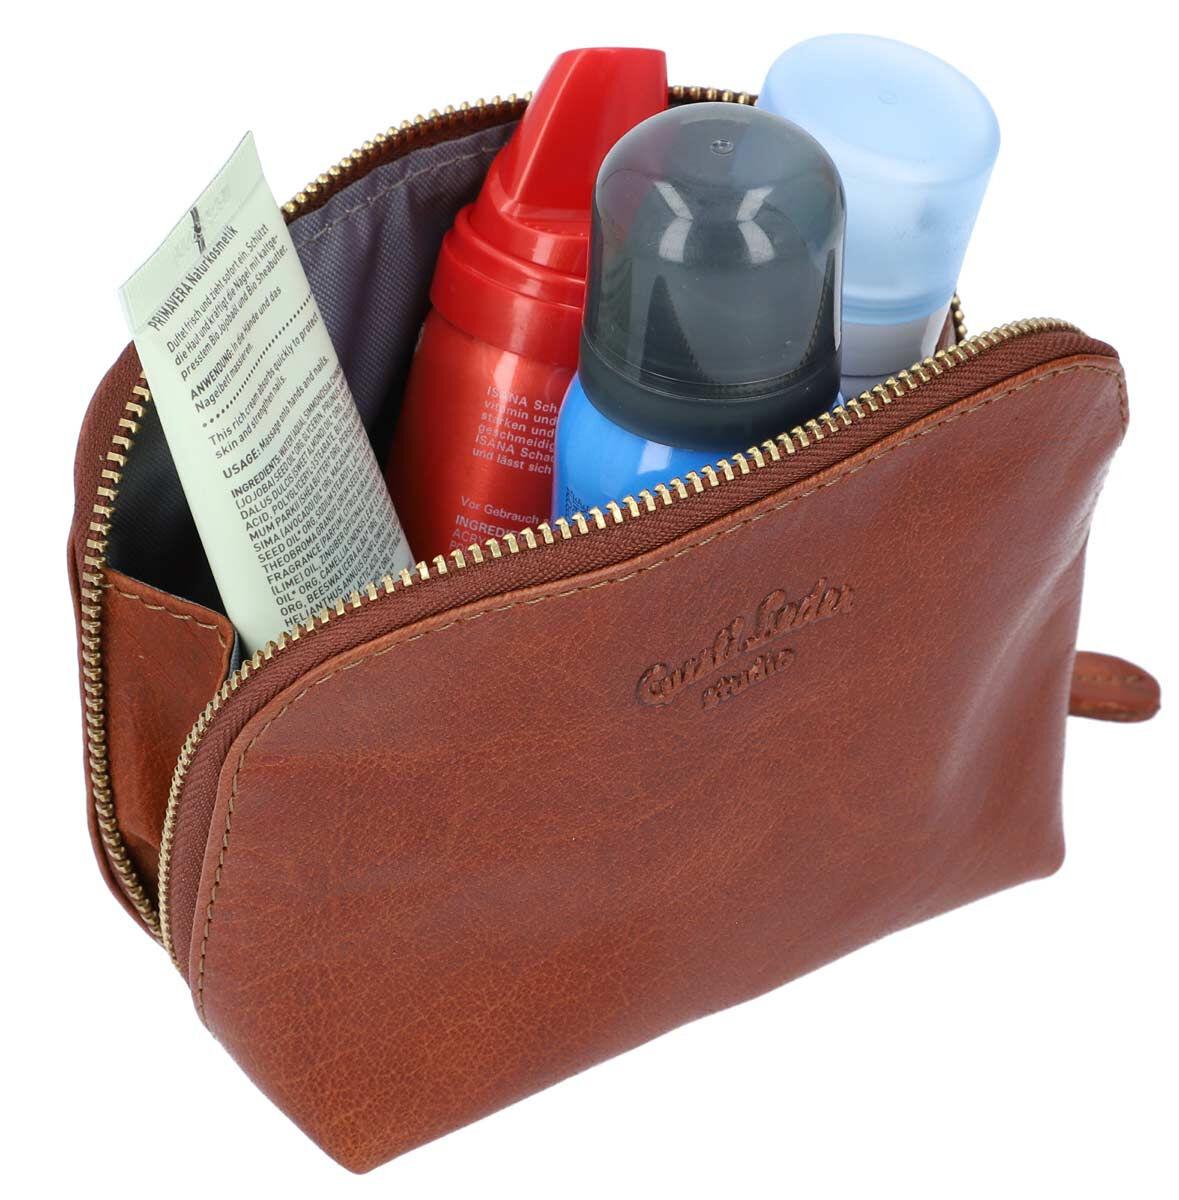 Outlet Kosmetiktasche - kleiner Lederfehler - faltiges Leder - ansonsten neu - siehe Video